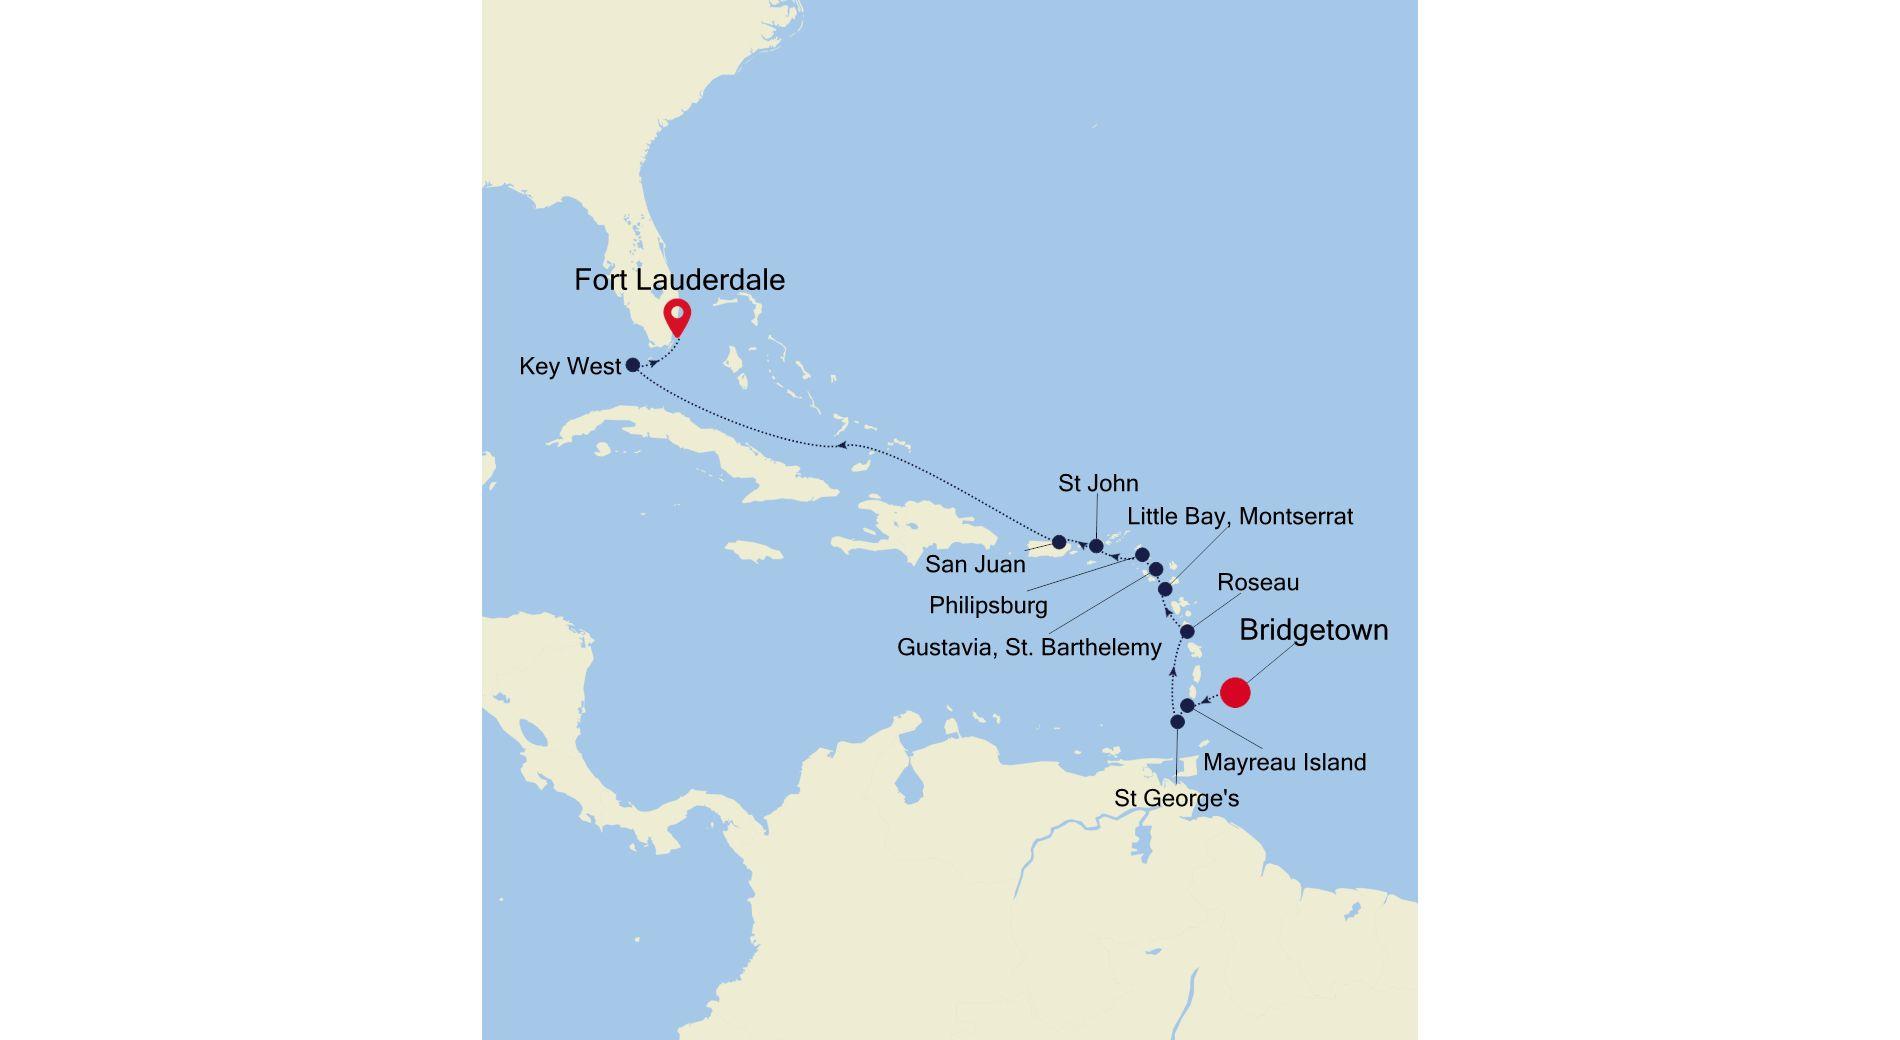 WH211120012 - Bridgetown à Fort Lauderdale